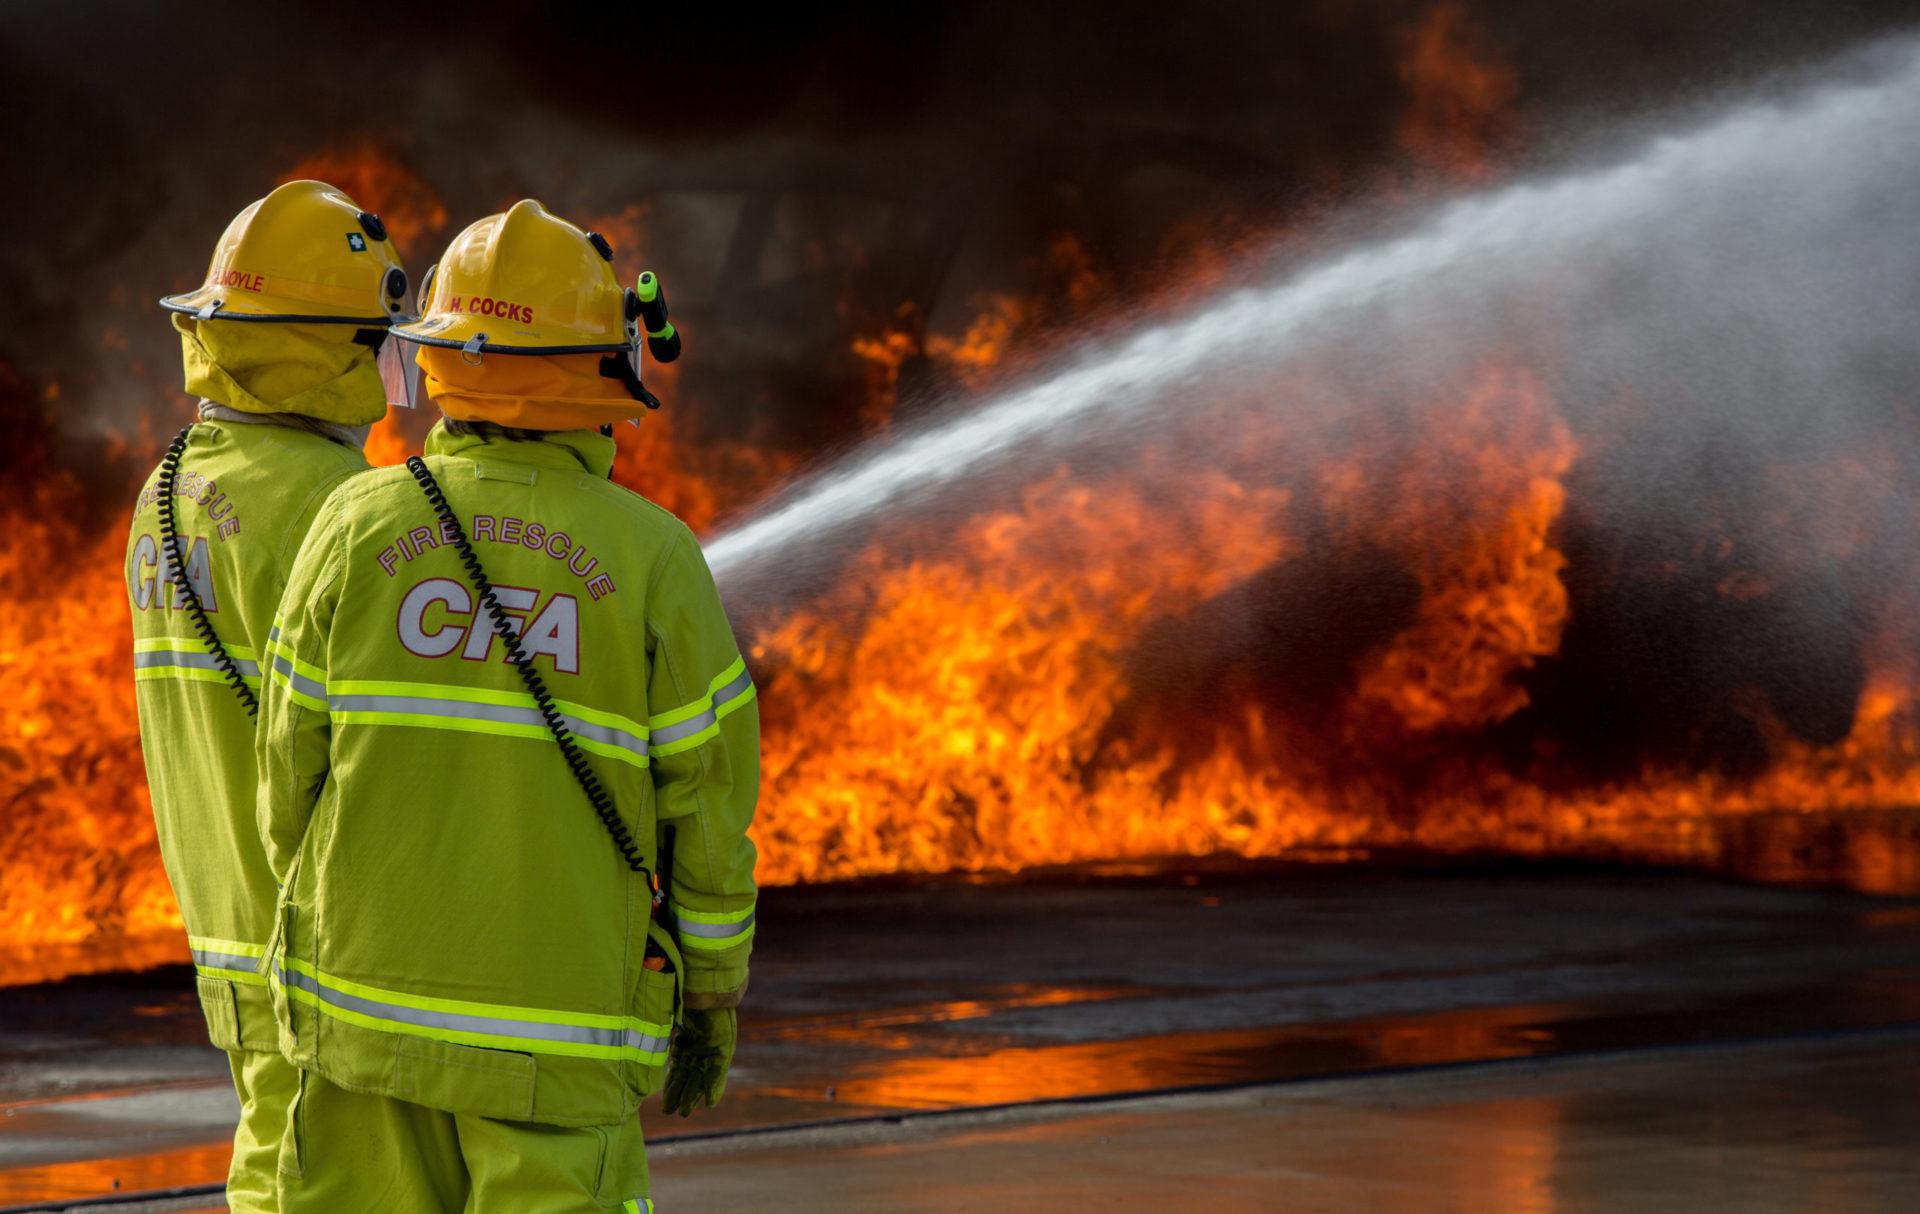 Emergencyservice volunteer compensation scheme – position statement